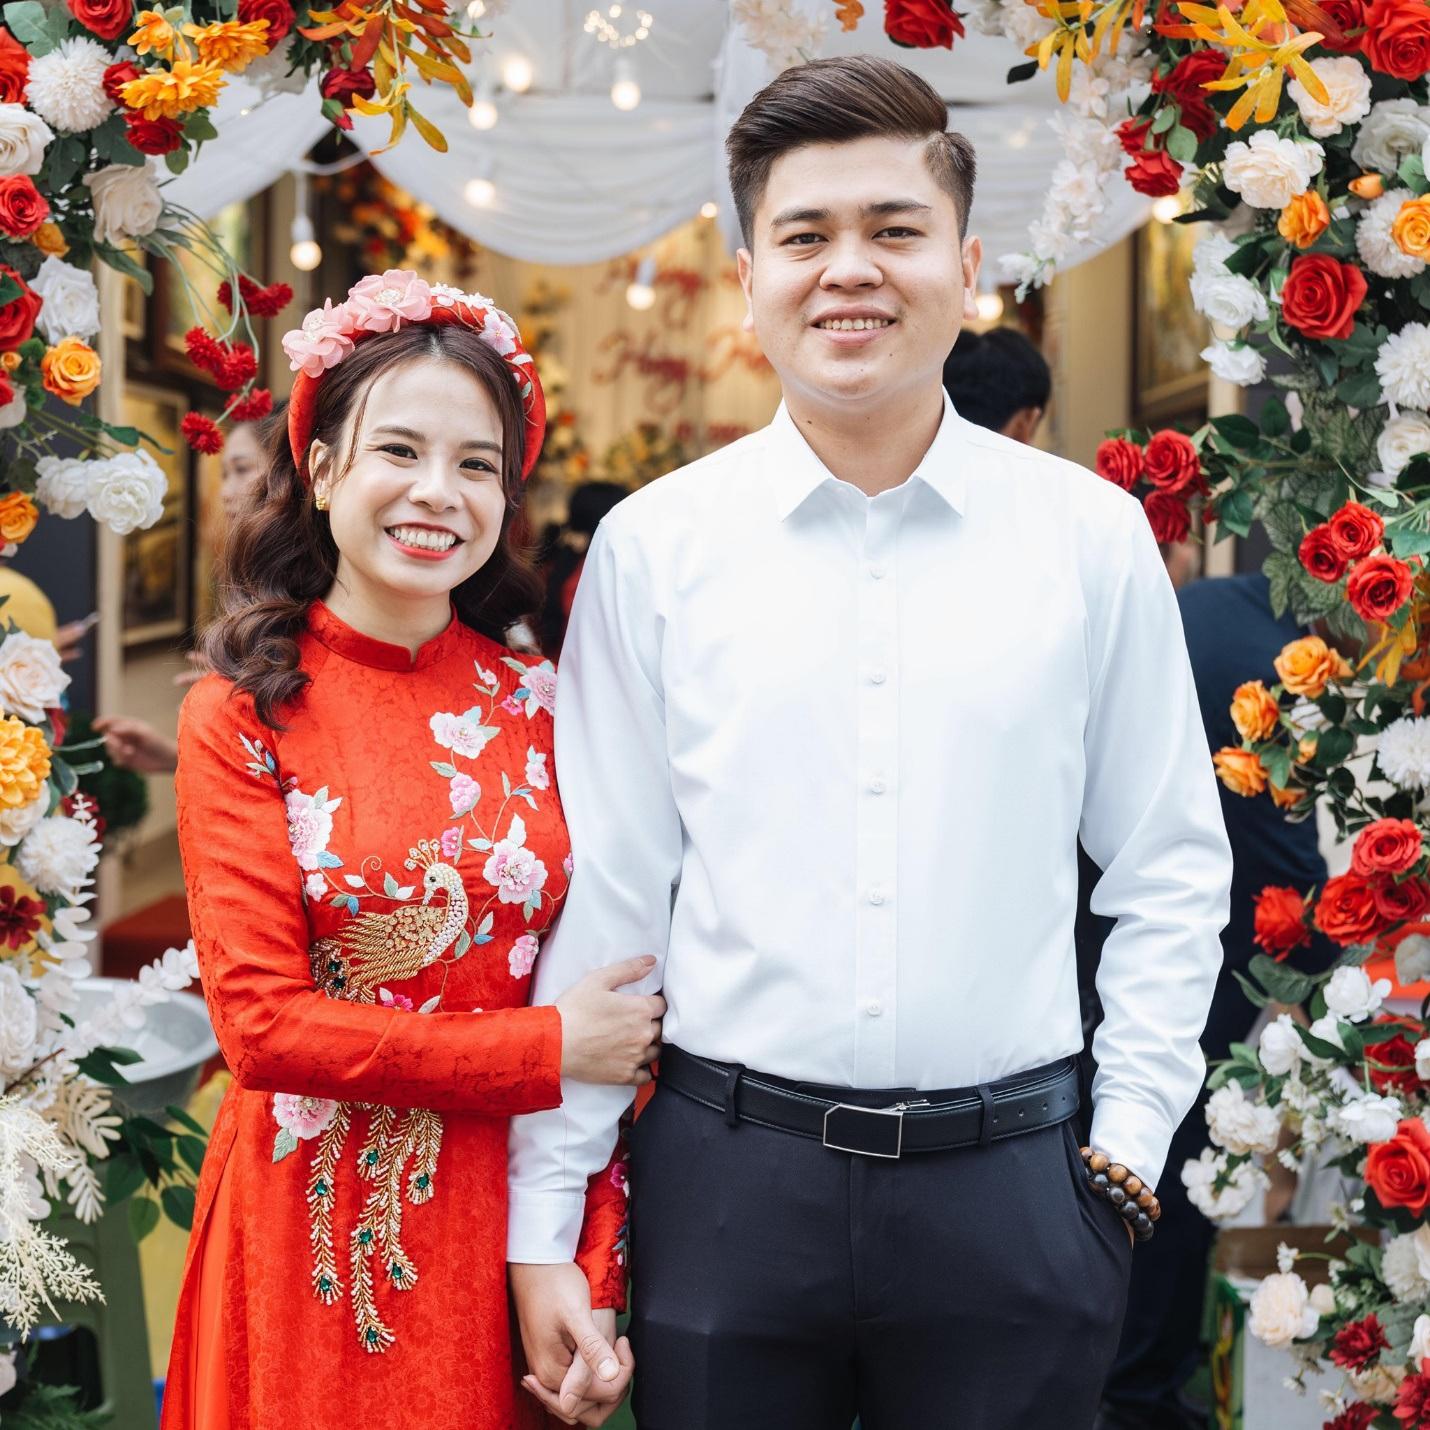 Chuyện tình đẹp trong khu cách ly của chàng y sĩ và cô du học sinh Hà thành - 1